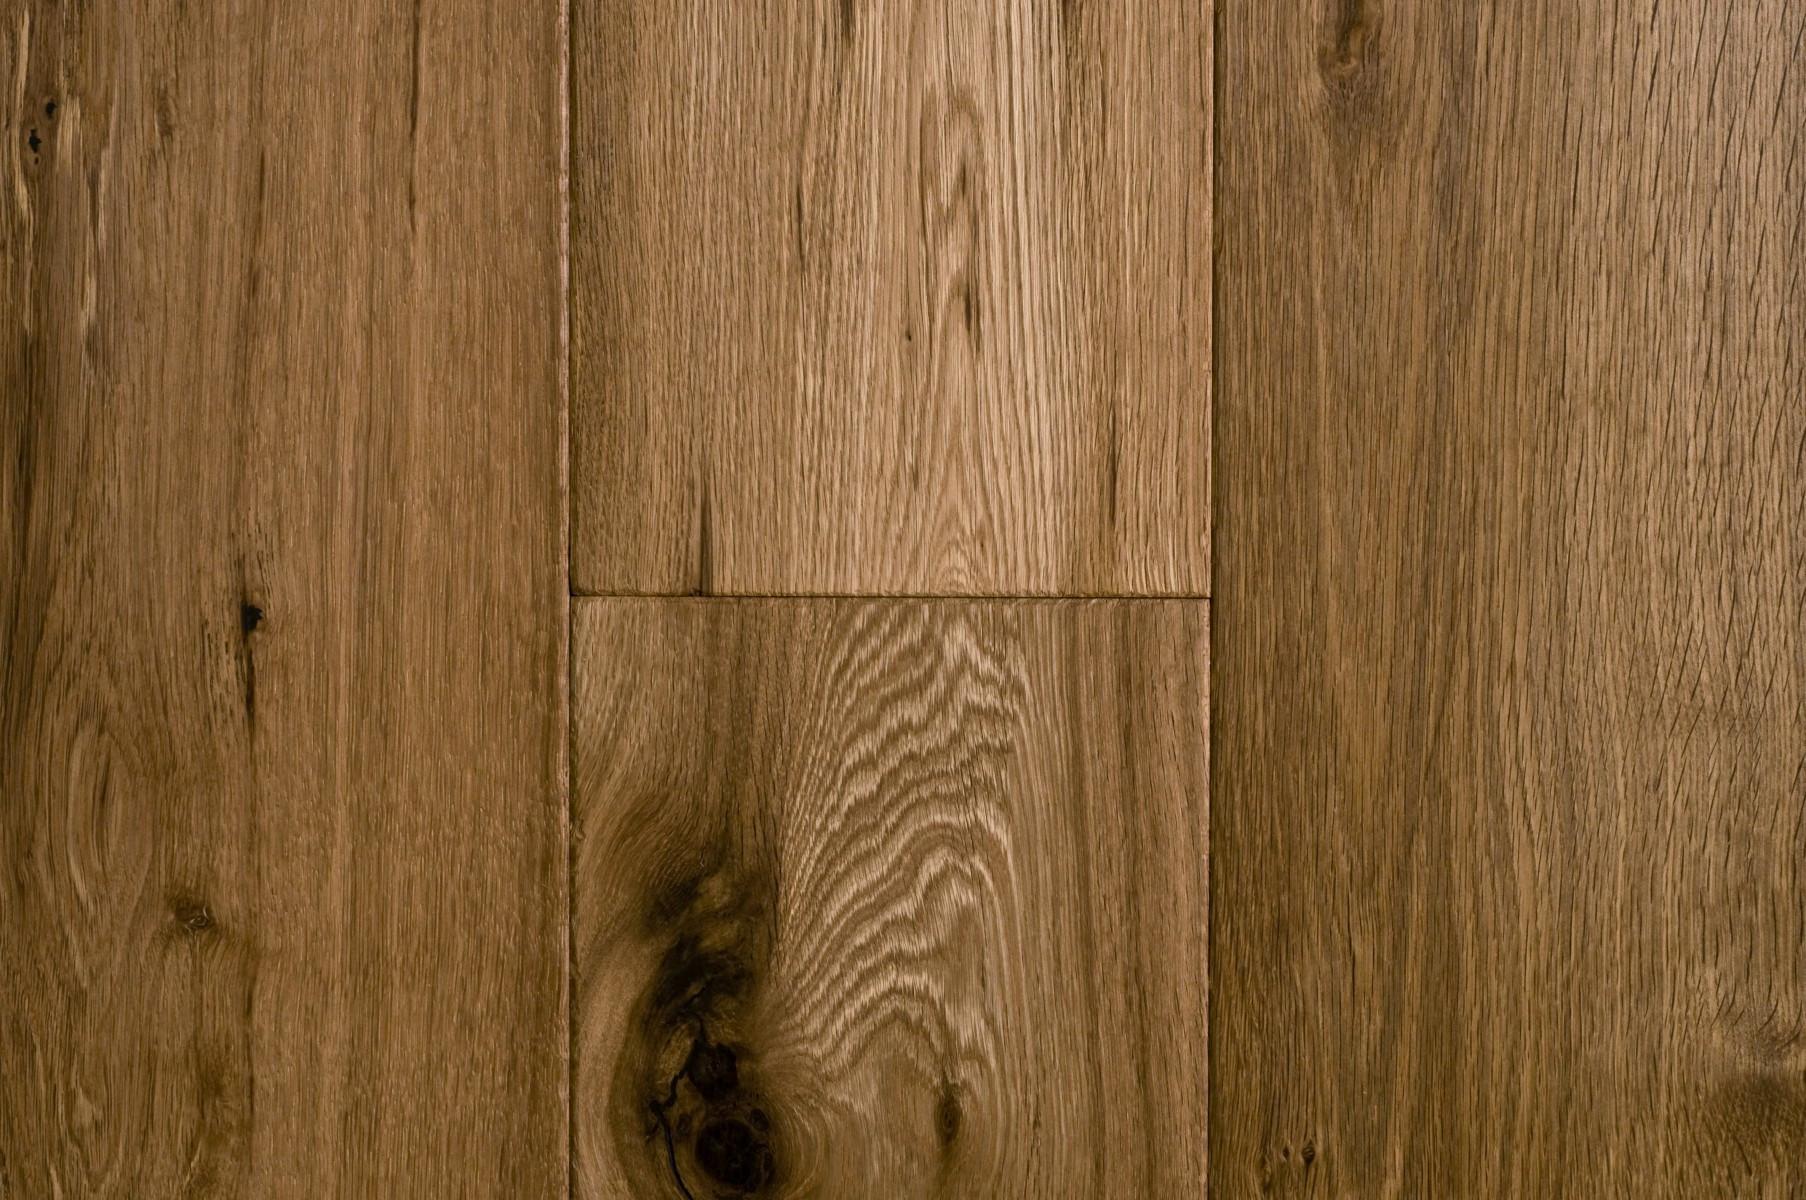 european oak hardwood floors of duchateau hardwood flooring houston tx discount engineered wood in olde dutch european oak